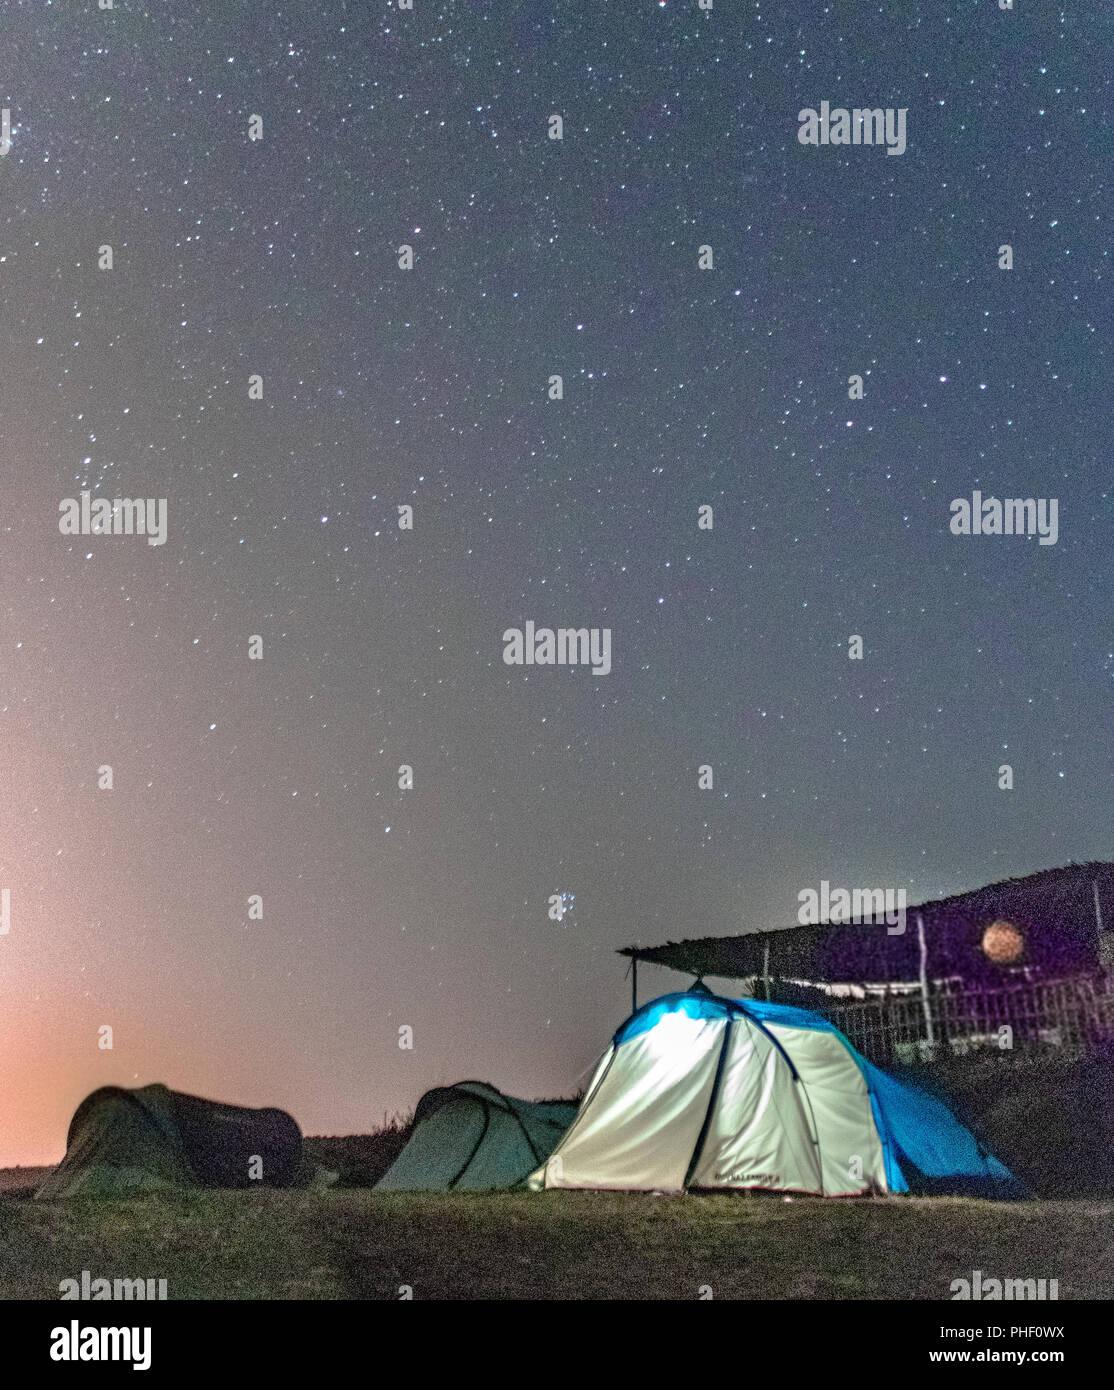 Camp Mrissat Astrofotografie Stockbild